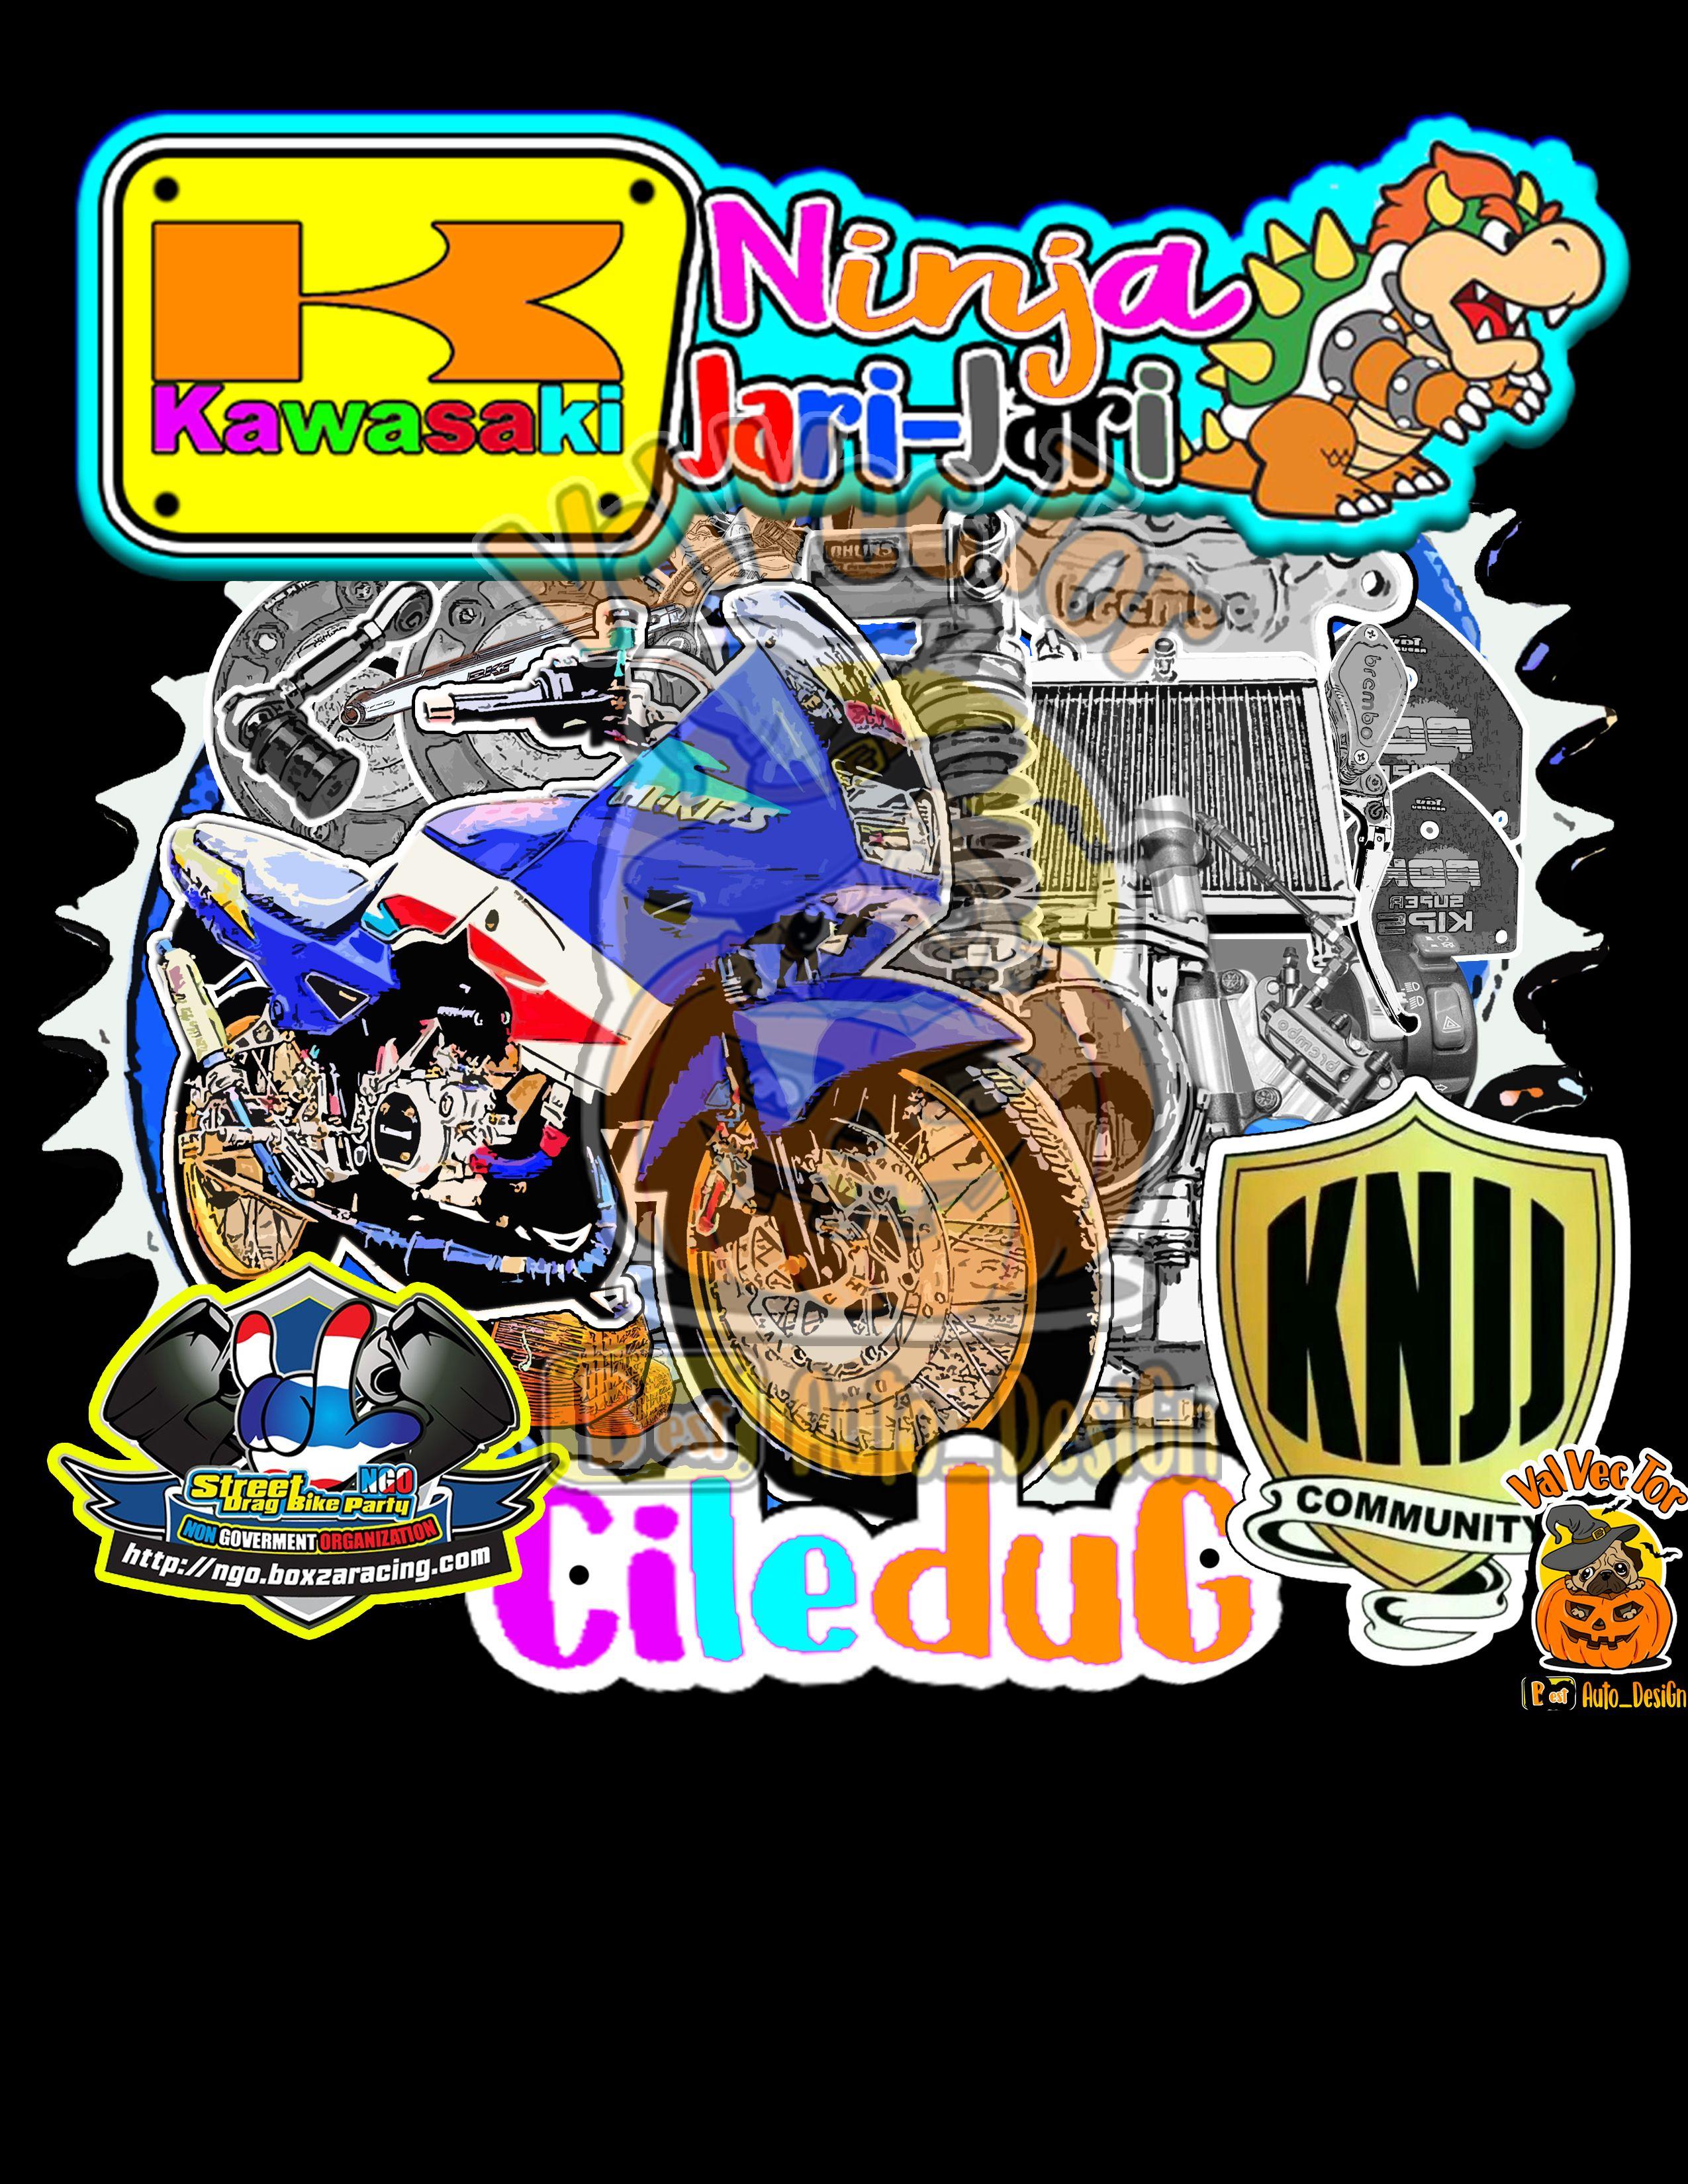 Bike design 4 kawasaki ninja150 bikevector 2stroke racevector knjj